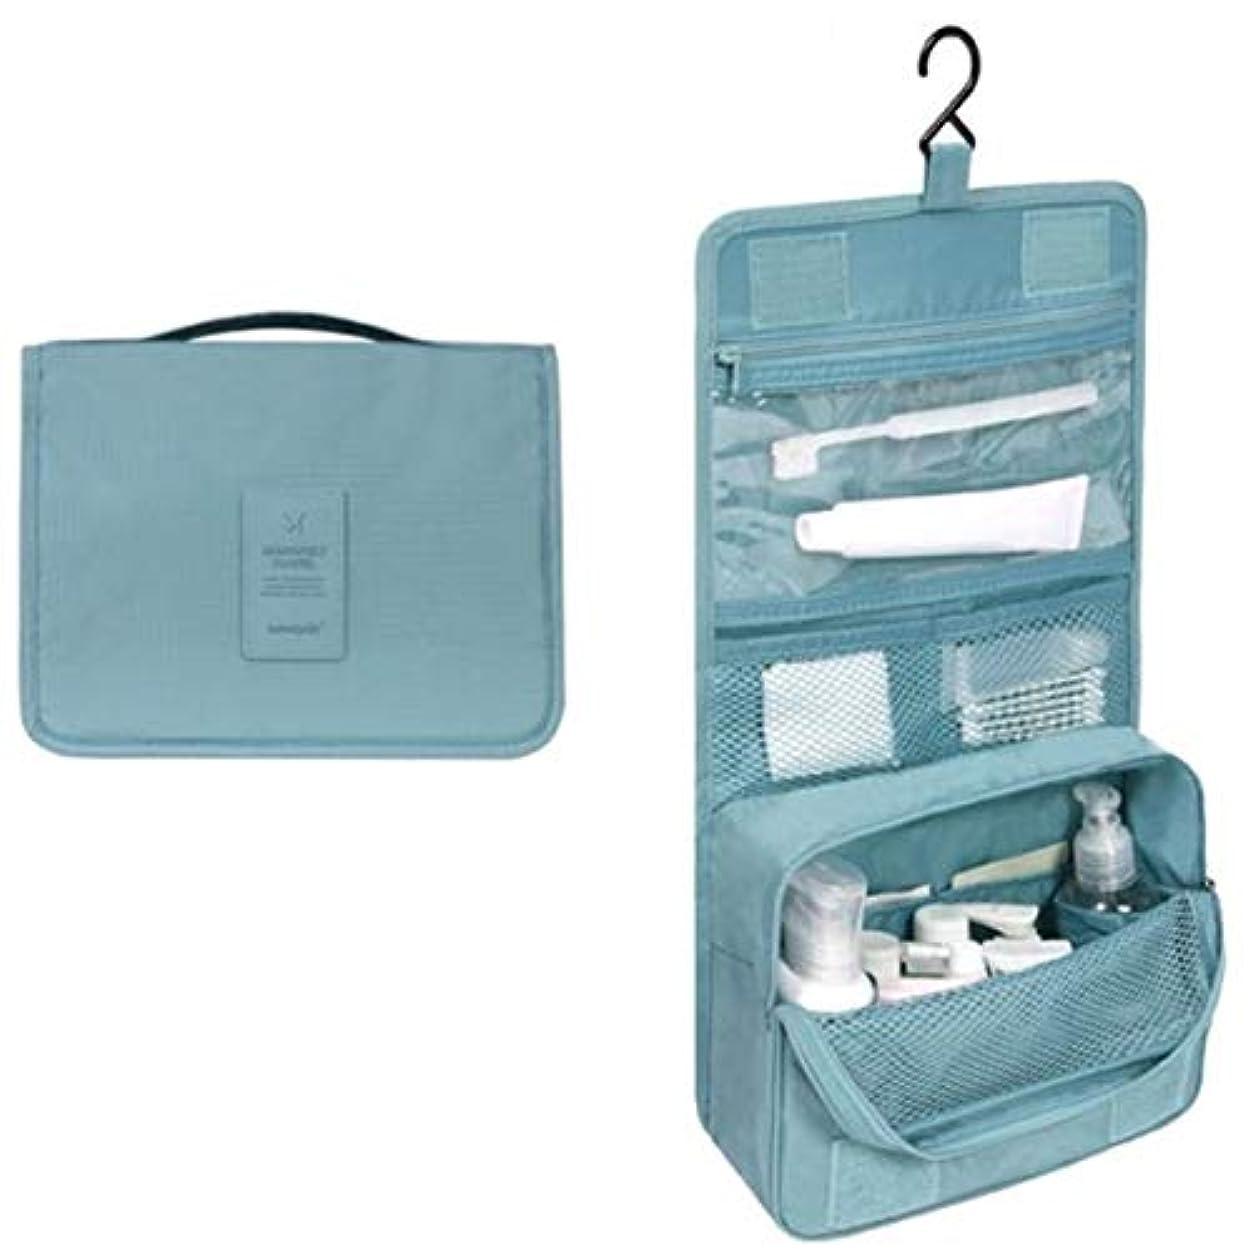 を必要としていますマイナー頑張るYoshilimen 防水ベジタリアンメイクアップトートバッグ化粧品バッグ(None Picture Color)